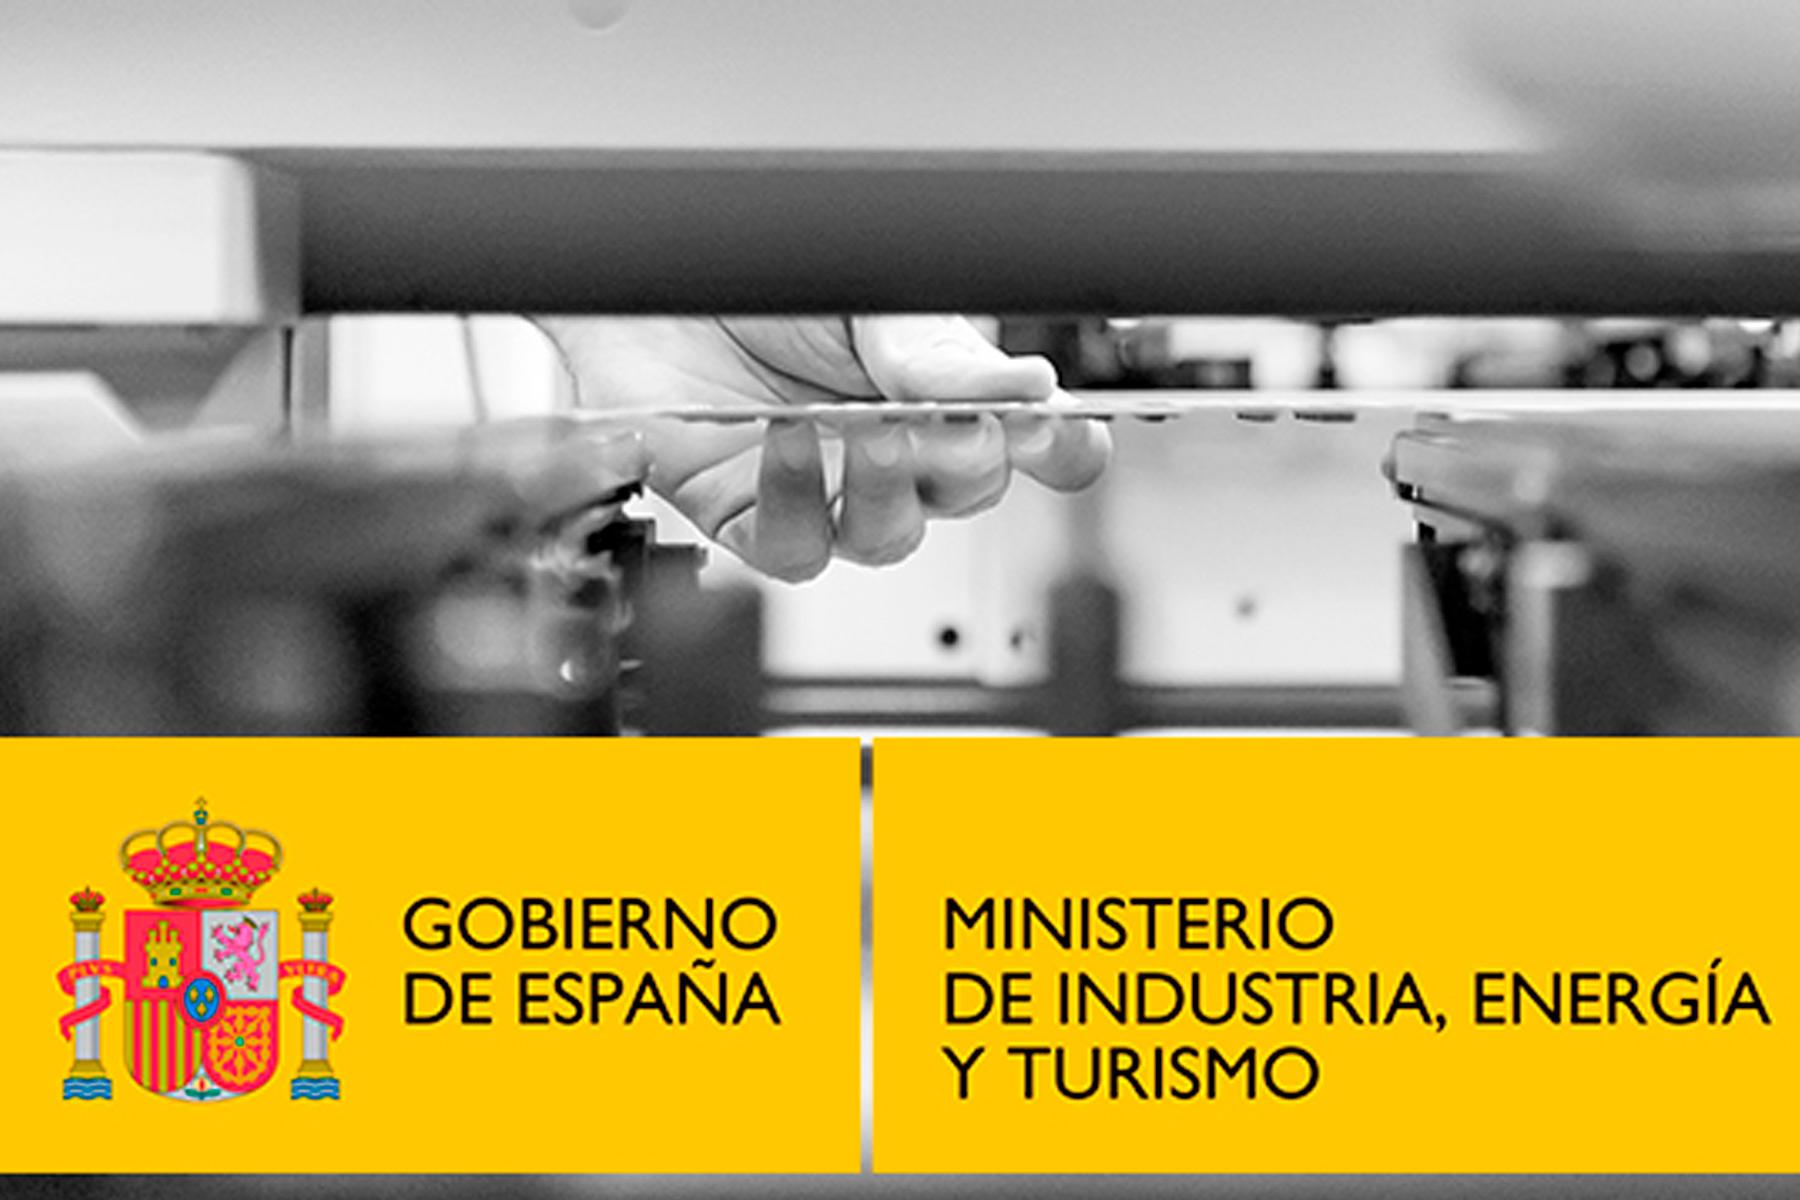 Proyecto de inversión destinado a mejorar la competitividad industrial